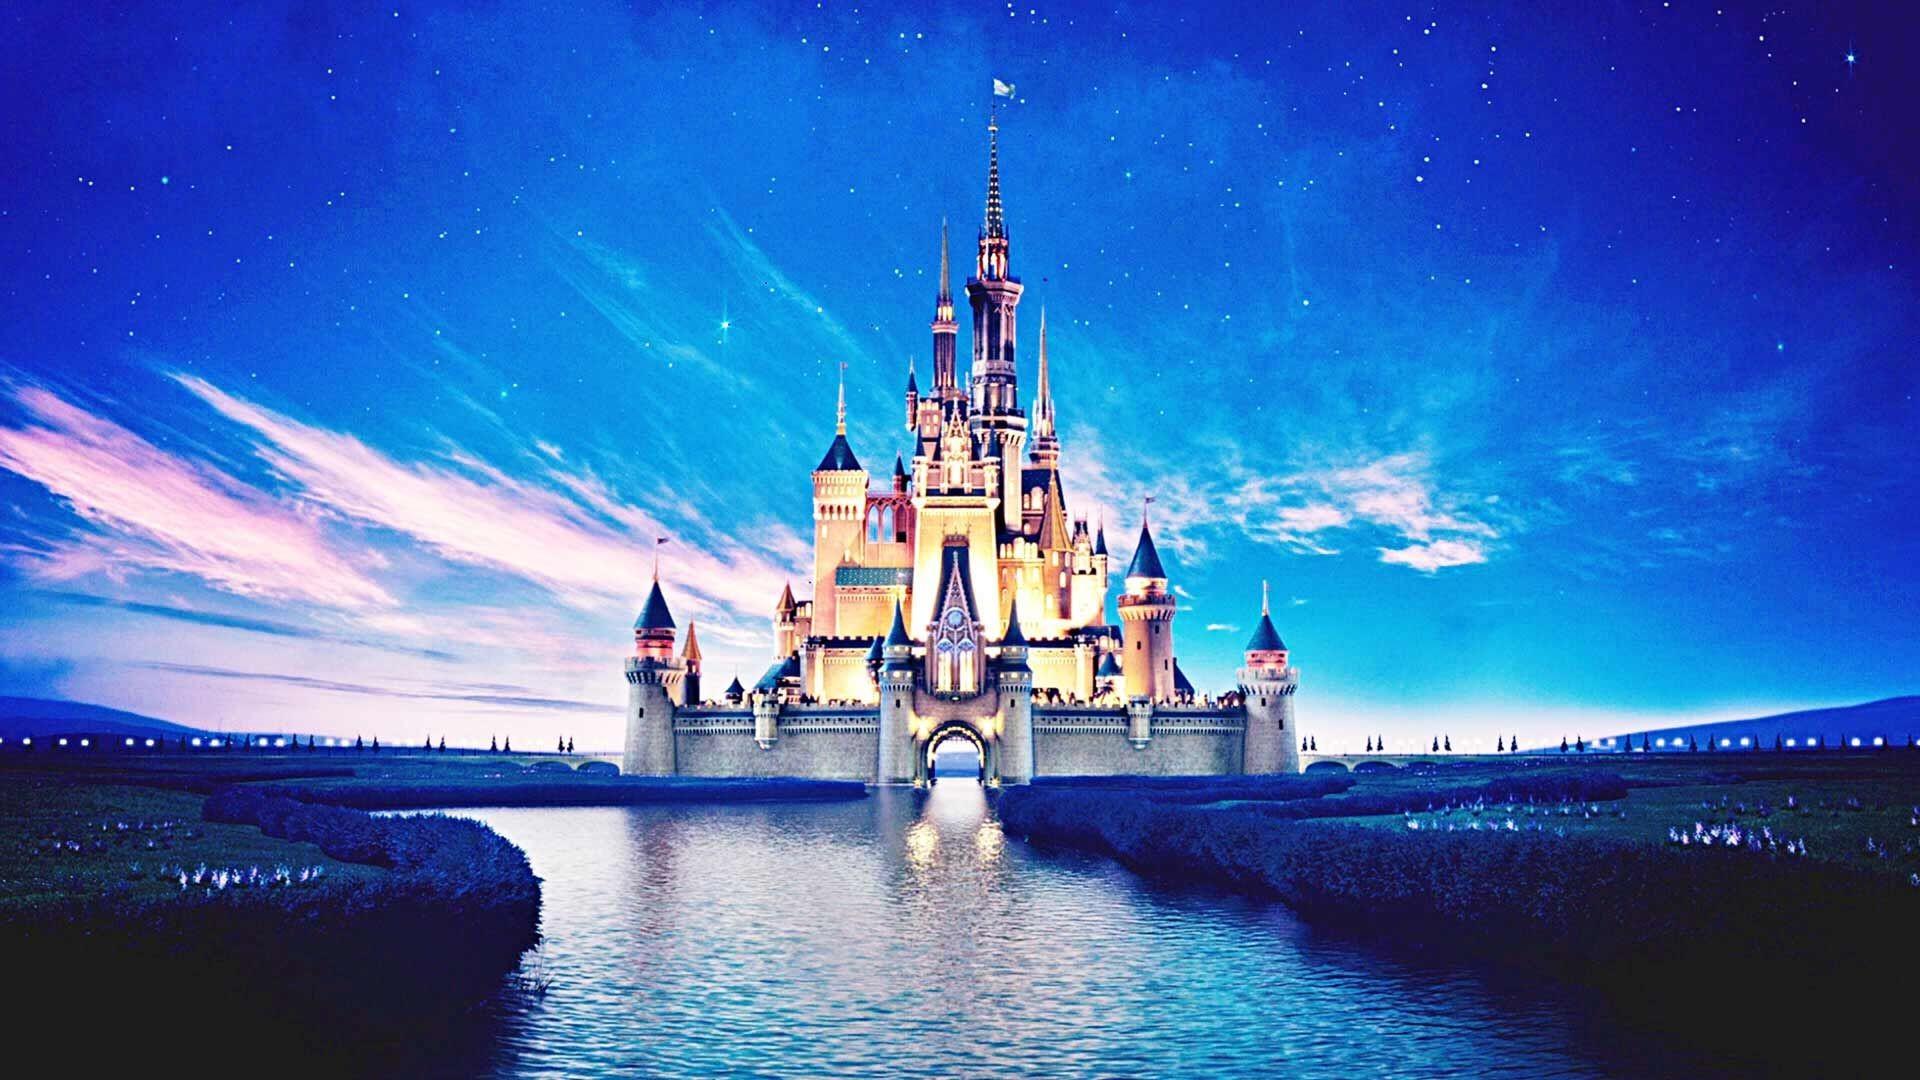 Disney Princess Castle Wallpaper 77 Images